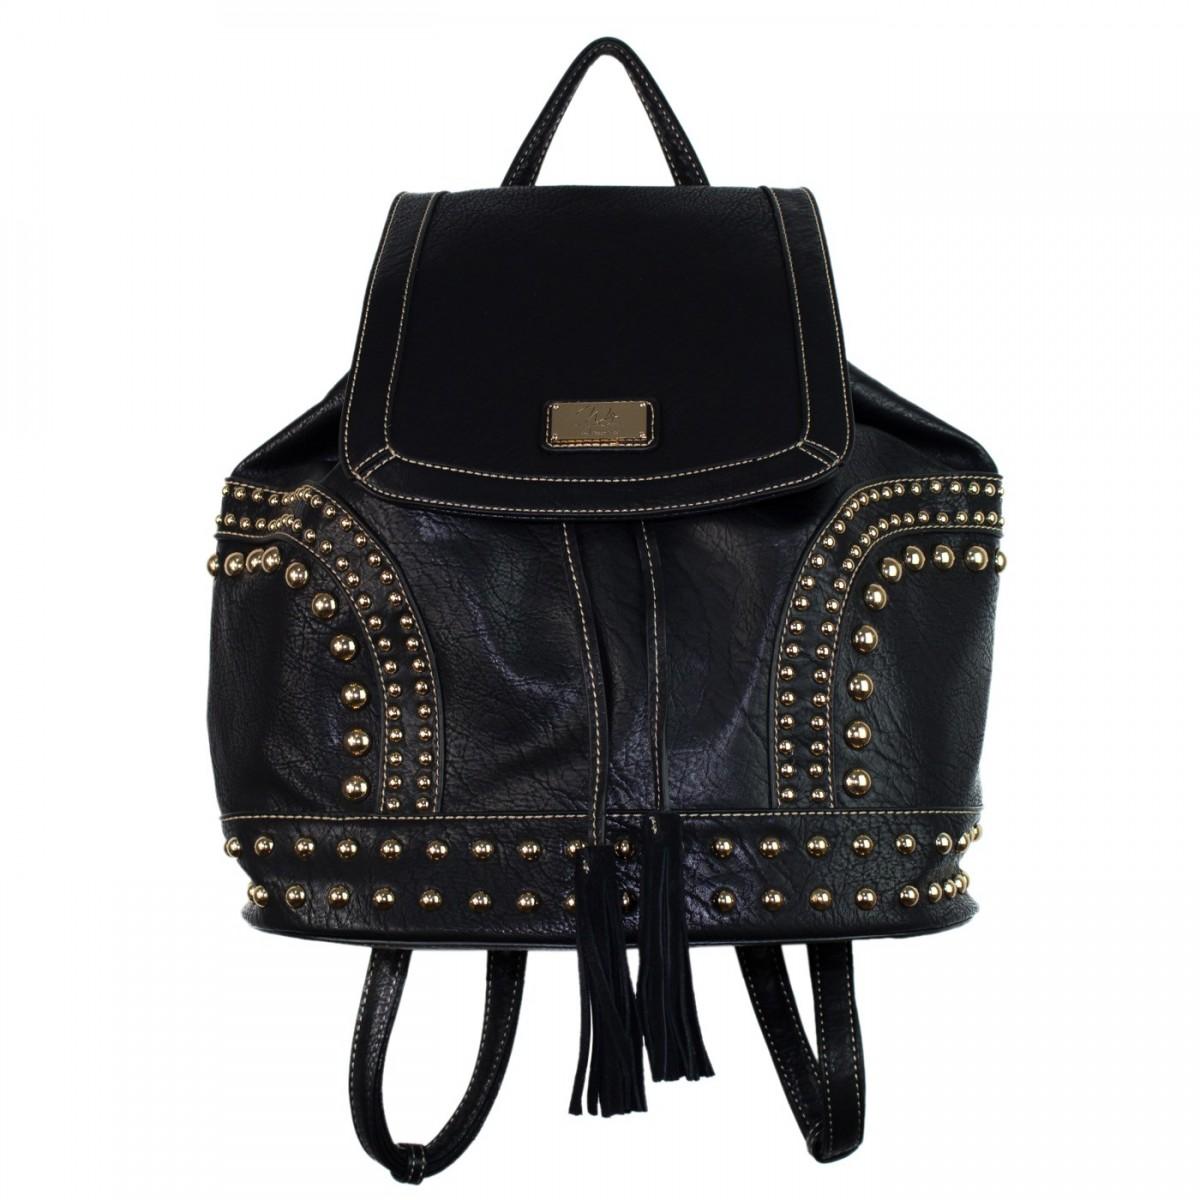 mochila feminina de couro preto